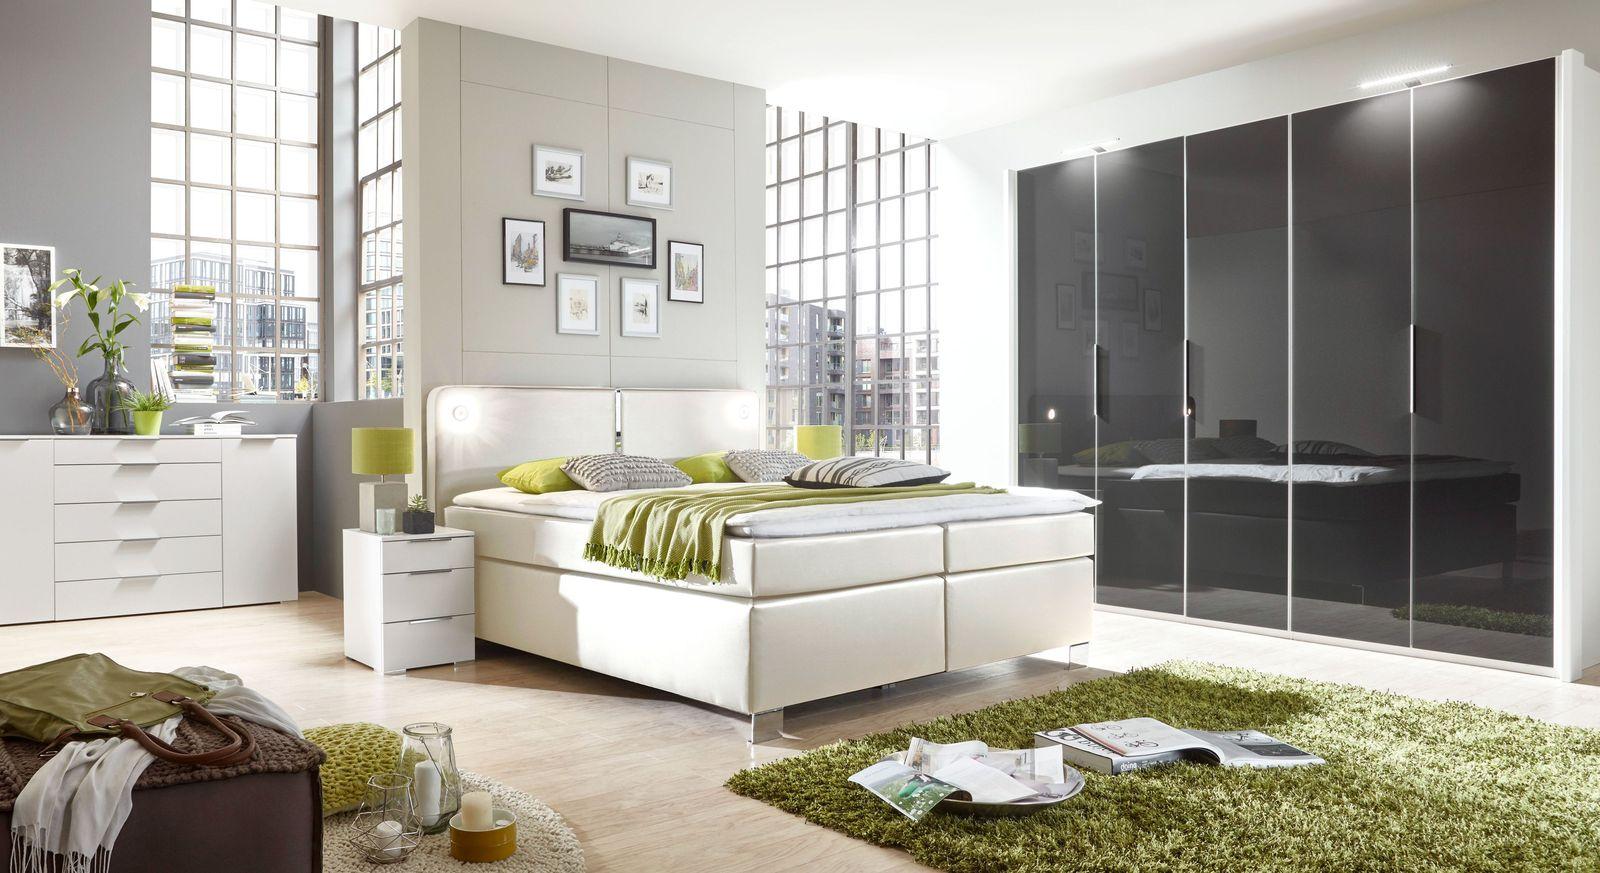 Boxspringbett Tramonti mit passenden Schlafzimmermöbeln